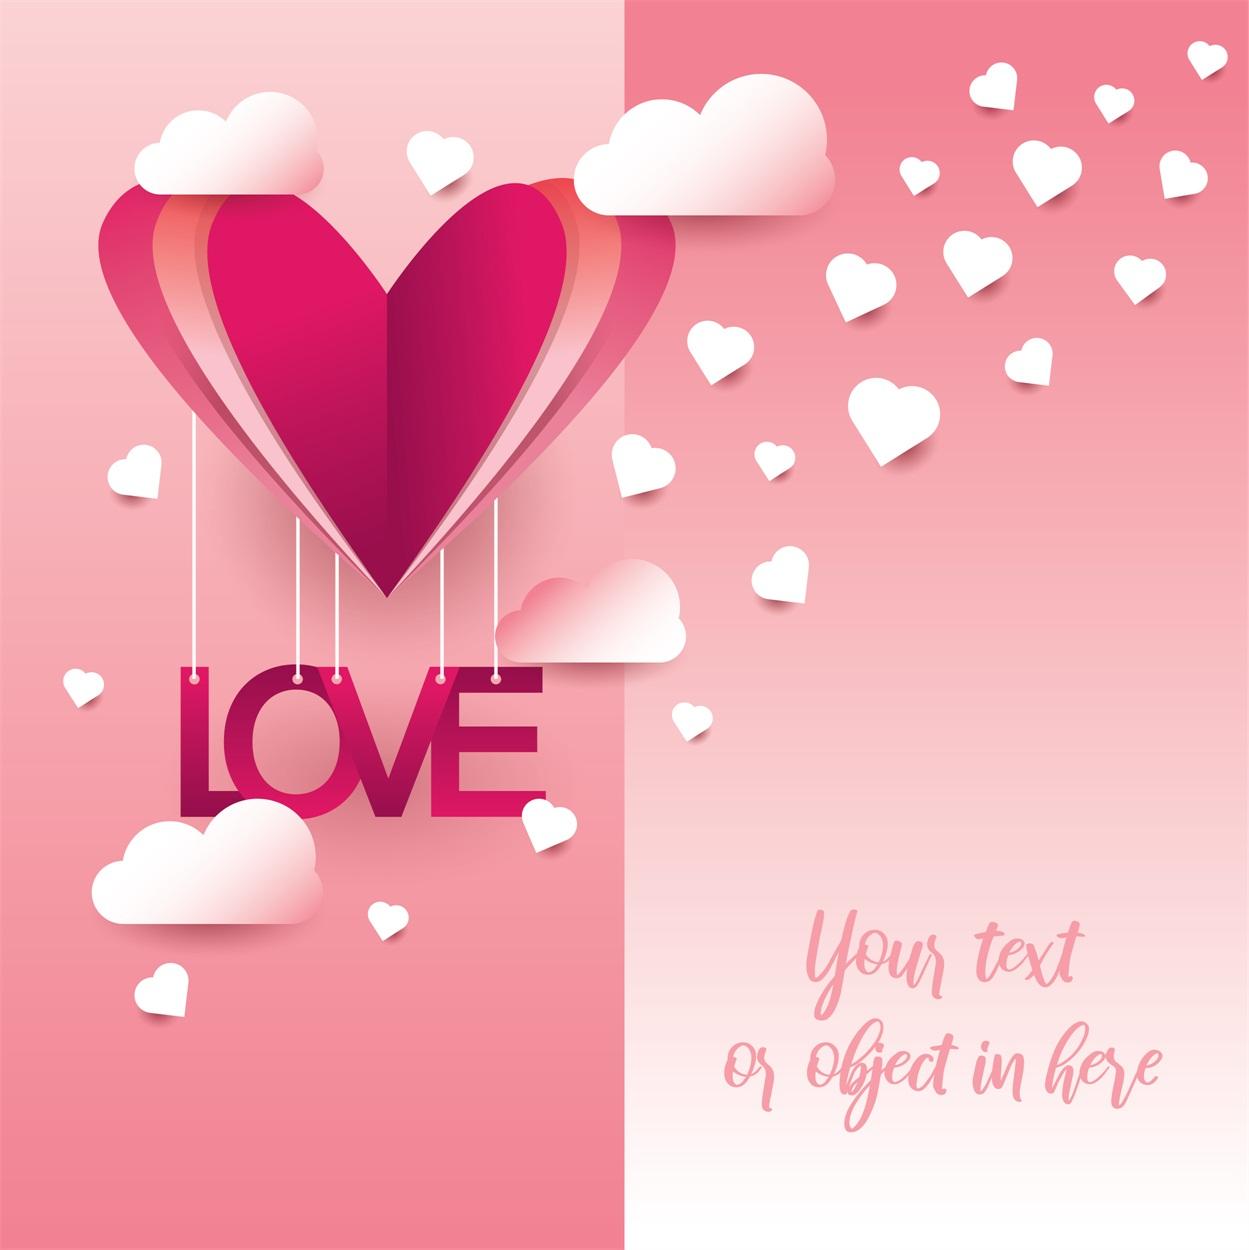 22款情人节七夕节购物促销海报传单设计AI矢量素材 Valentines day Poster Vector Material插图5